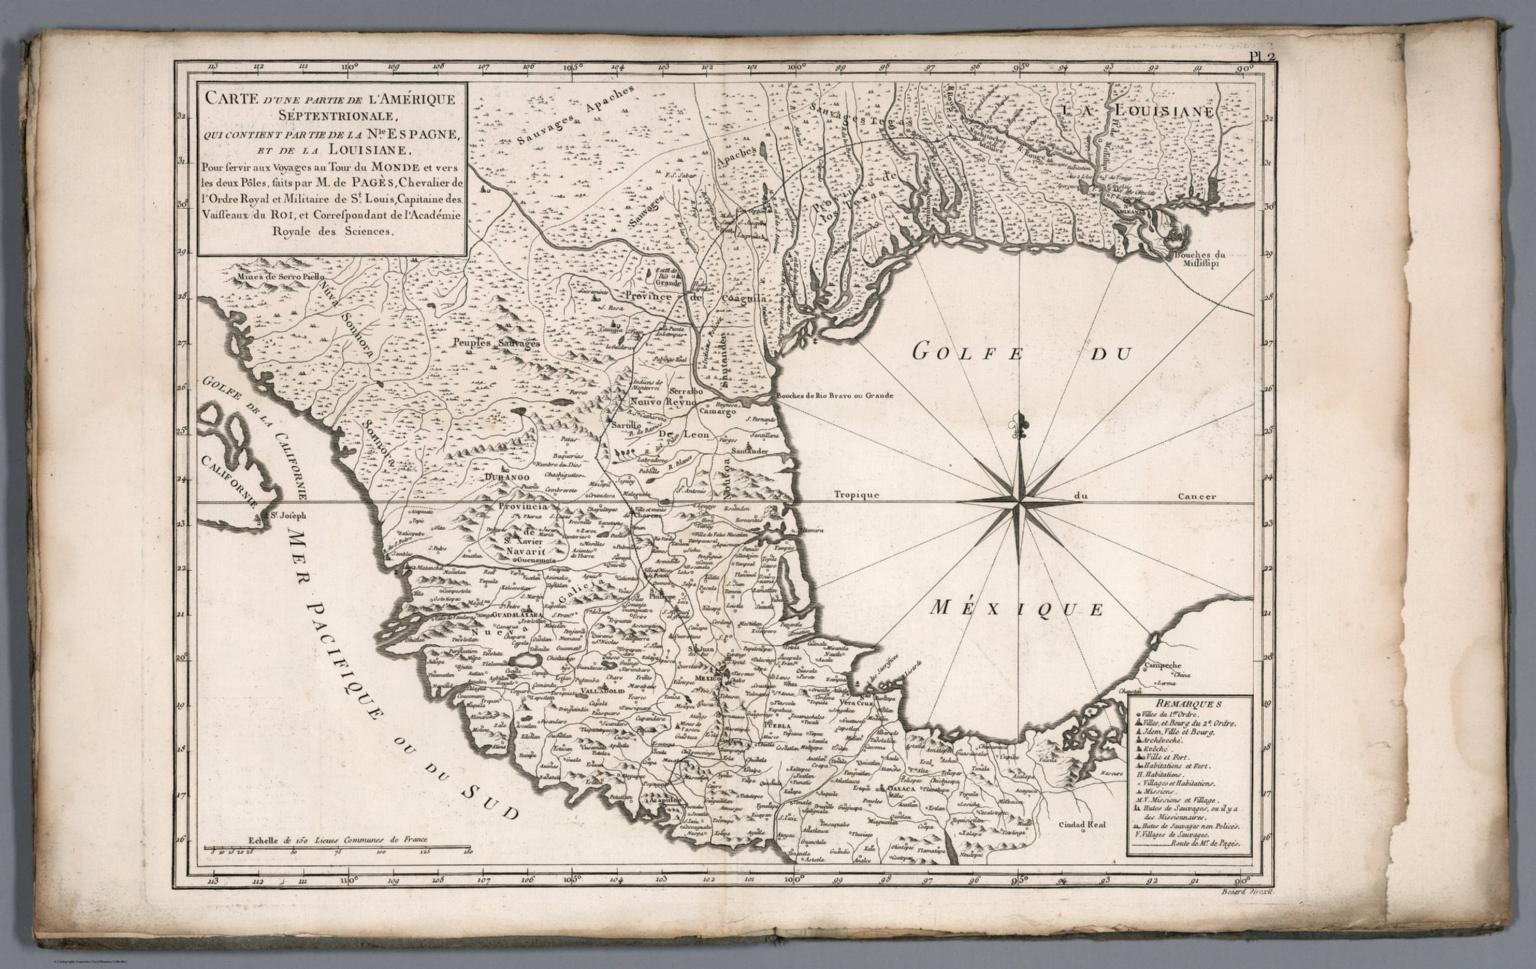 Carte d'une partie de l'Amerique Septentrionale